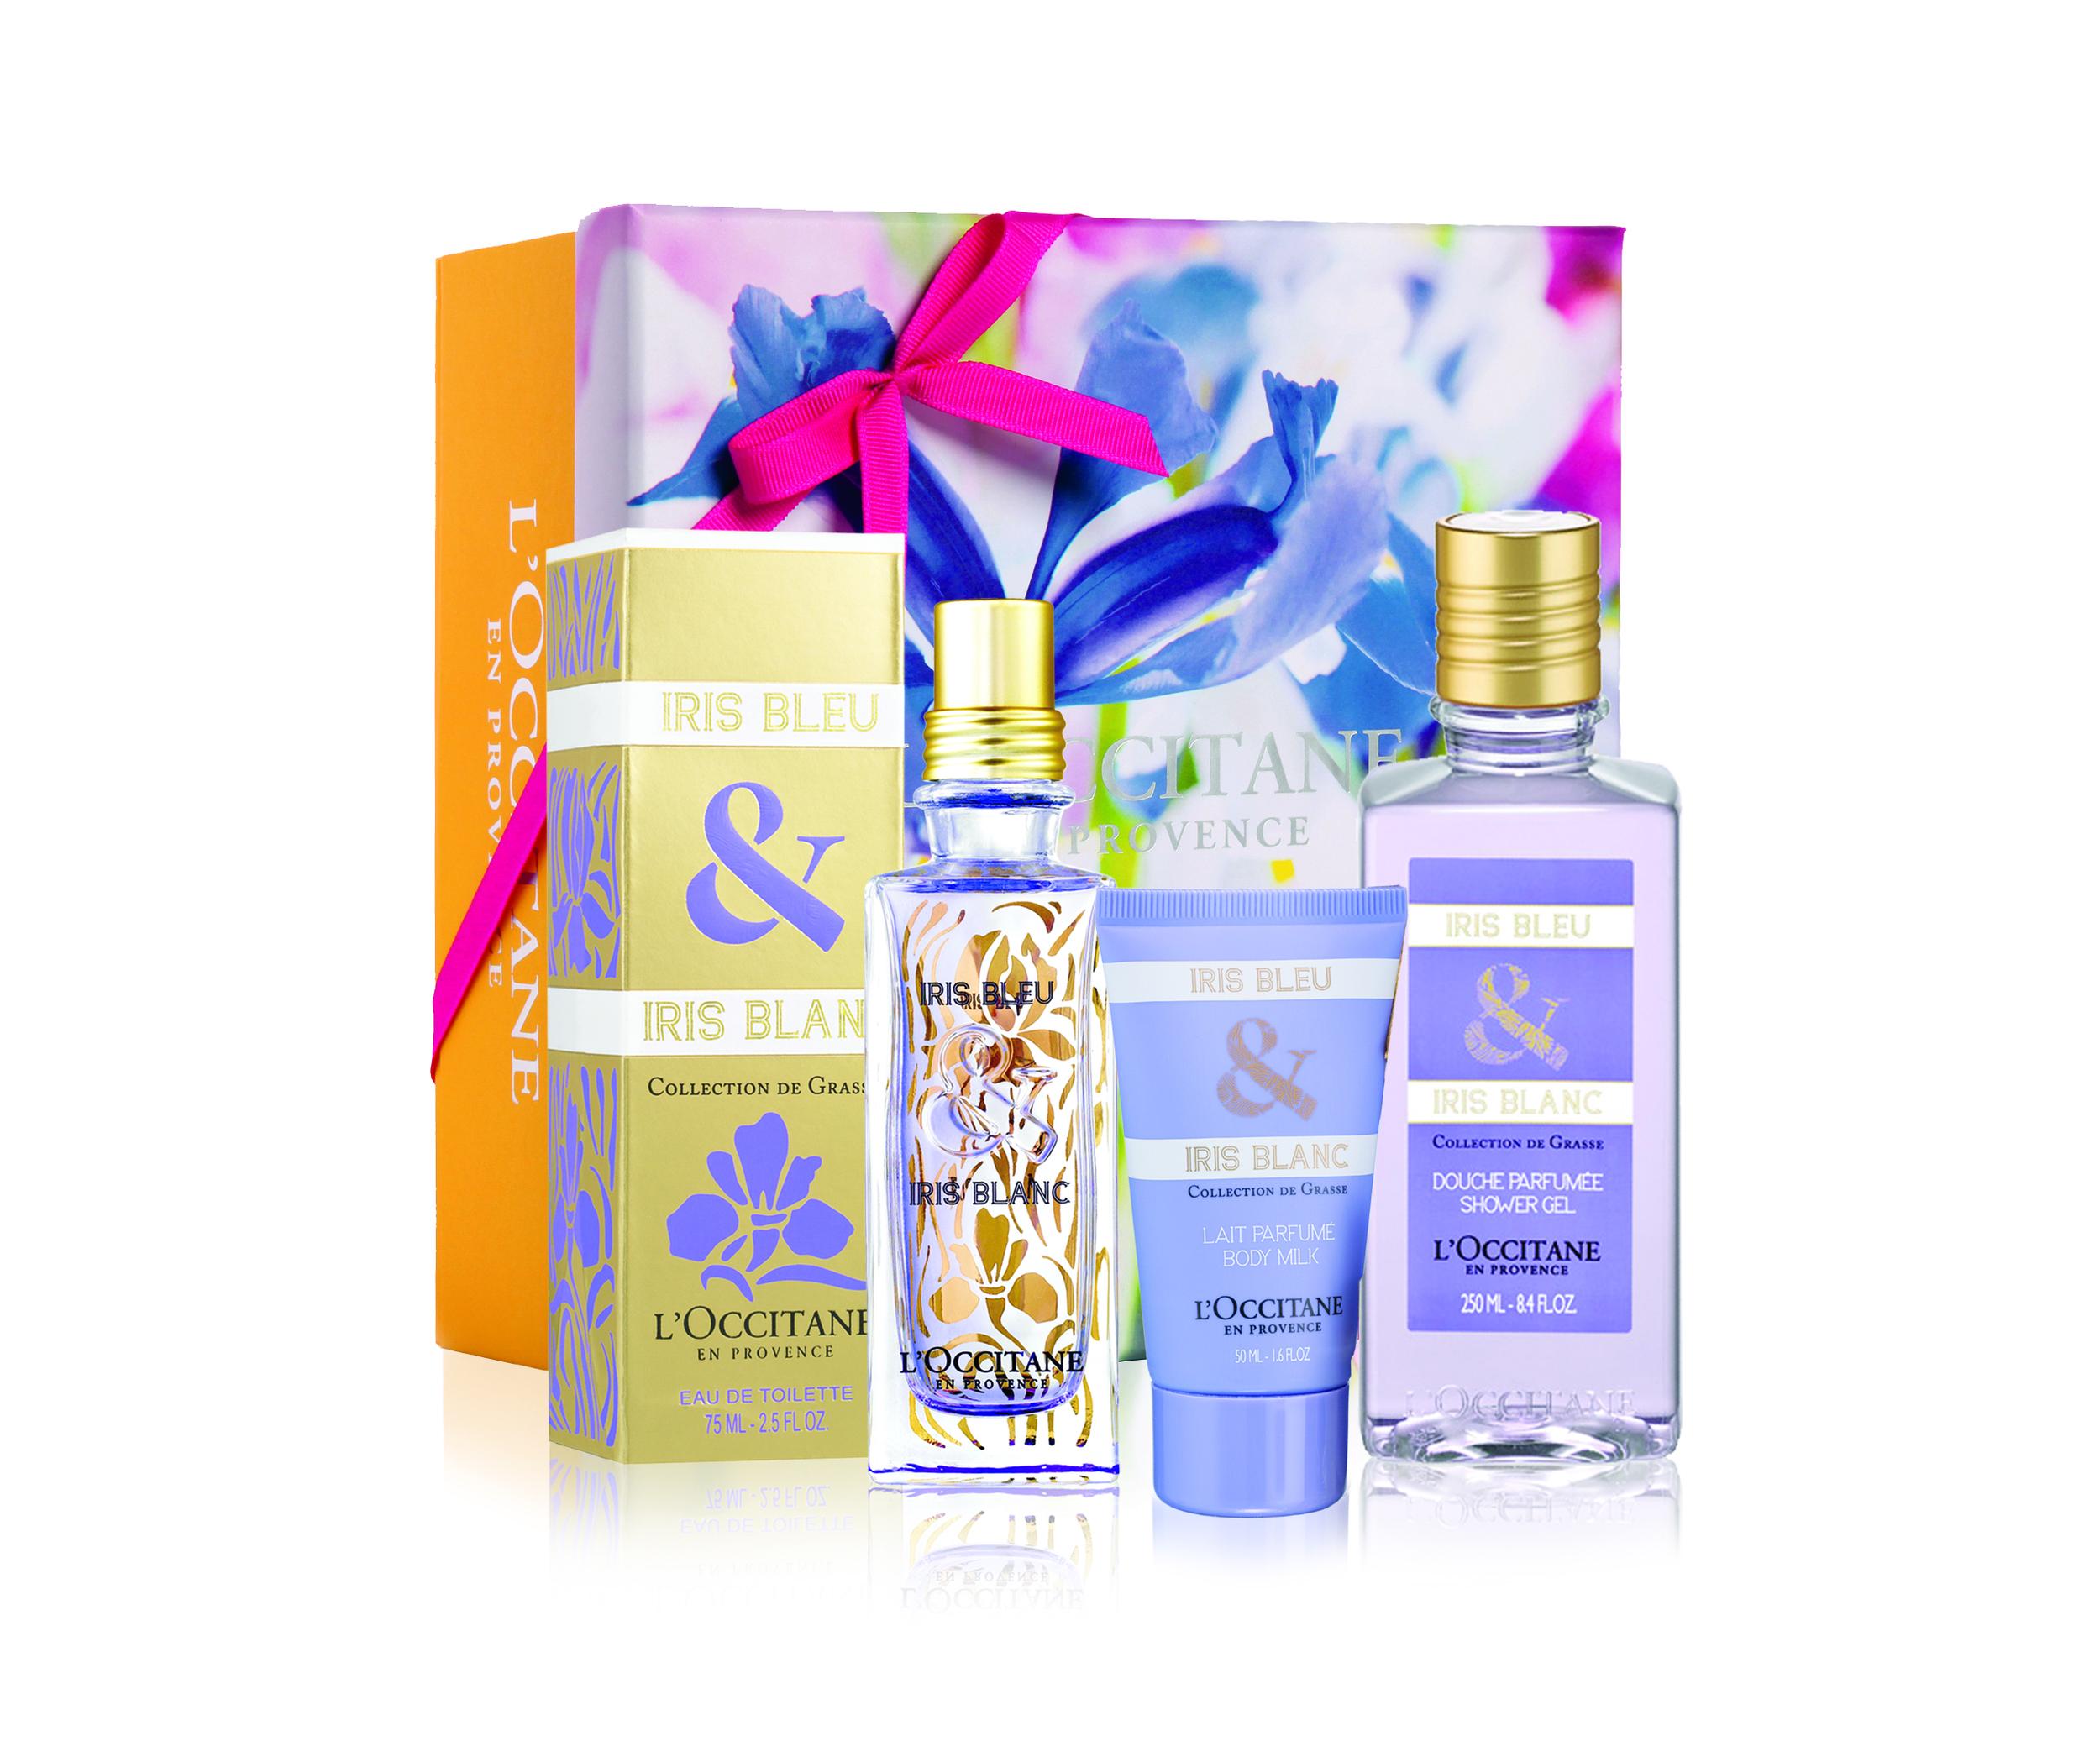 Iris Bleu & Iris Blanc Gift Set.jpg